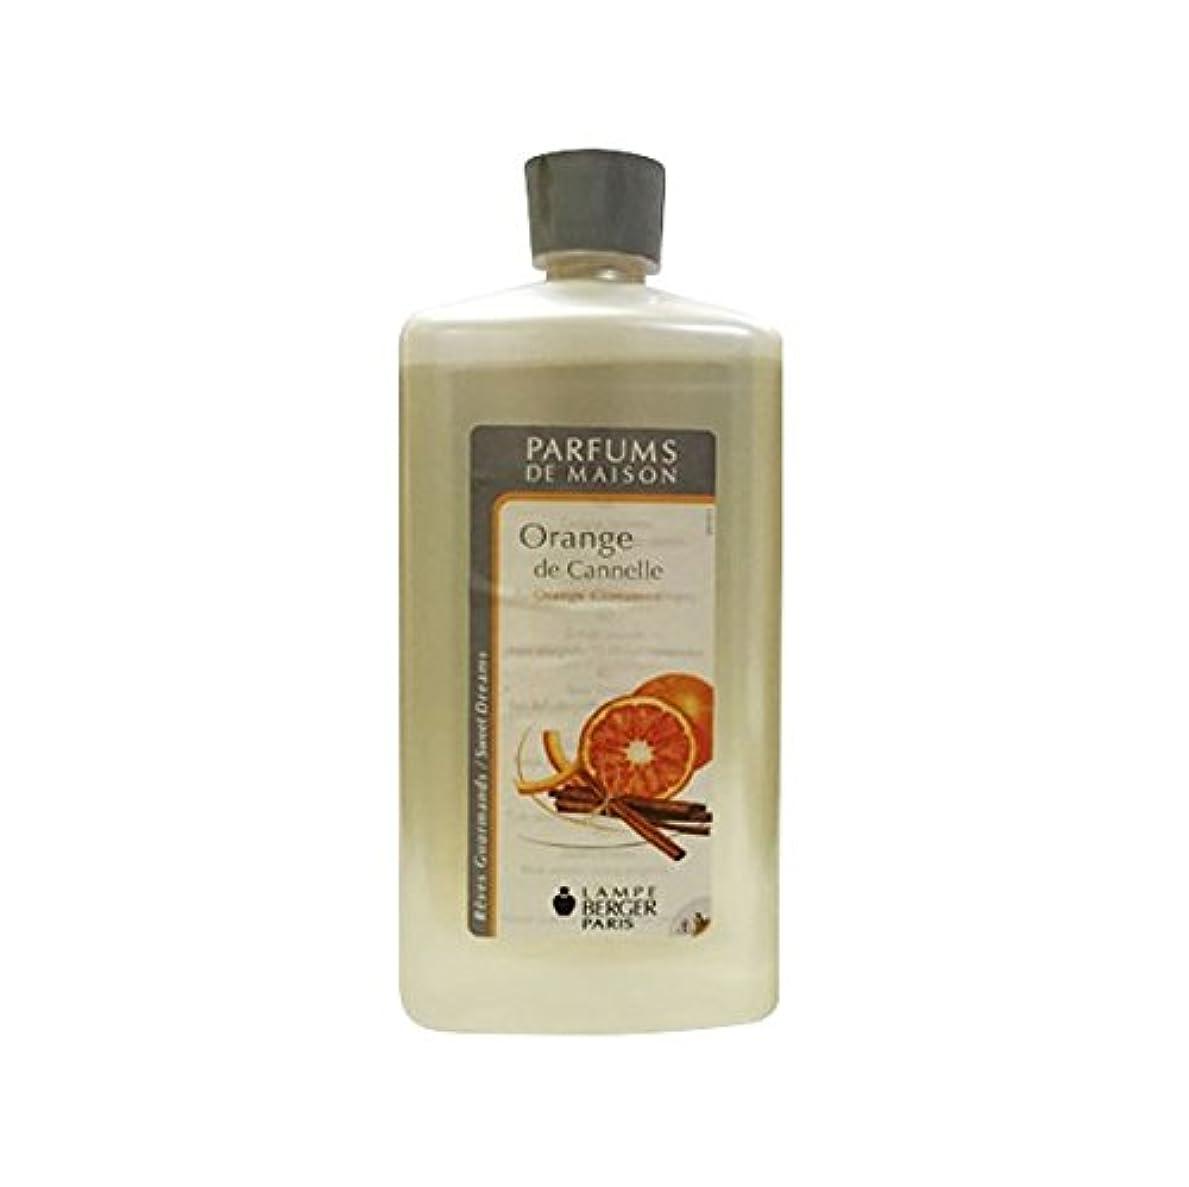 不利地雷原窒息させるランプベルジェオイル(オレンジシナモン)Orange de Cannelle / Orange Cinnamon